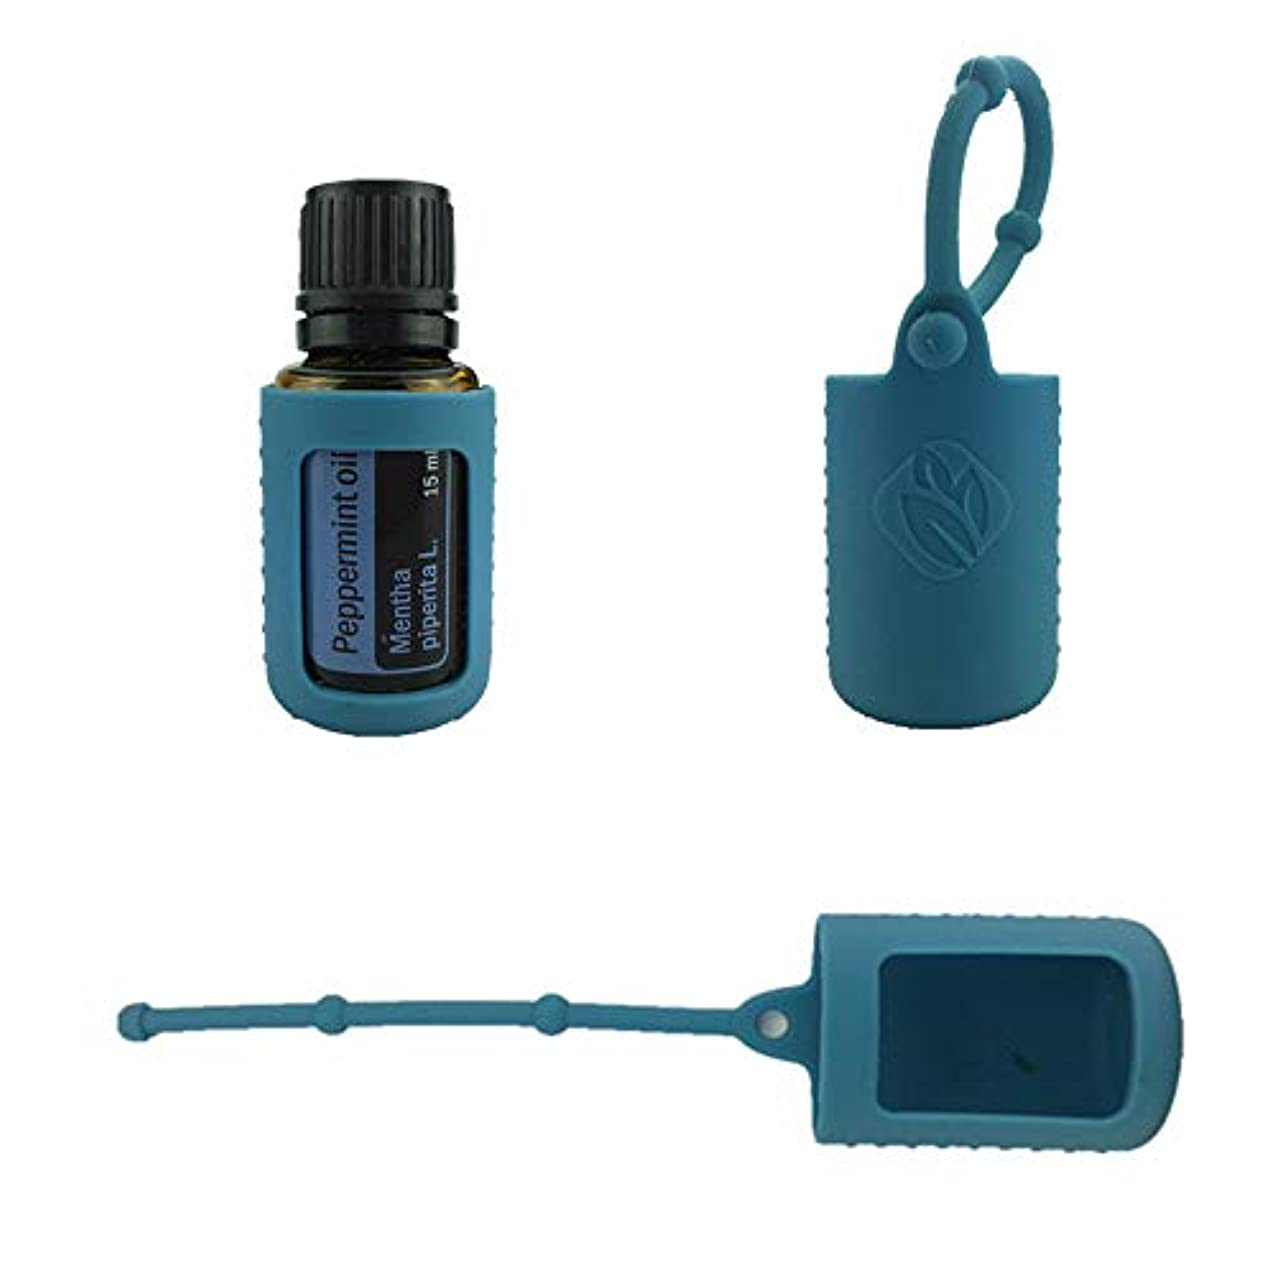 肥沃な作業熟考する6パック熱望オイルボトルシリコンローラーボトルホルダースリーブエッセンシャルオイルボトル保護カバーケースハングロープ - ダンク ブルー - 6-pcs 10ml